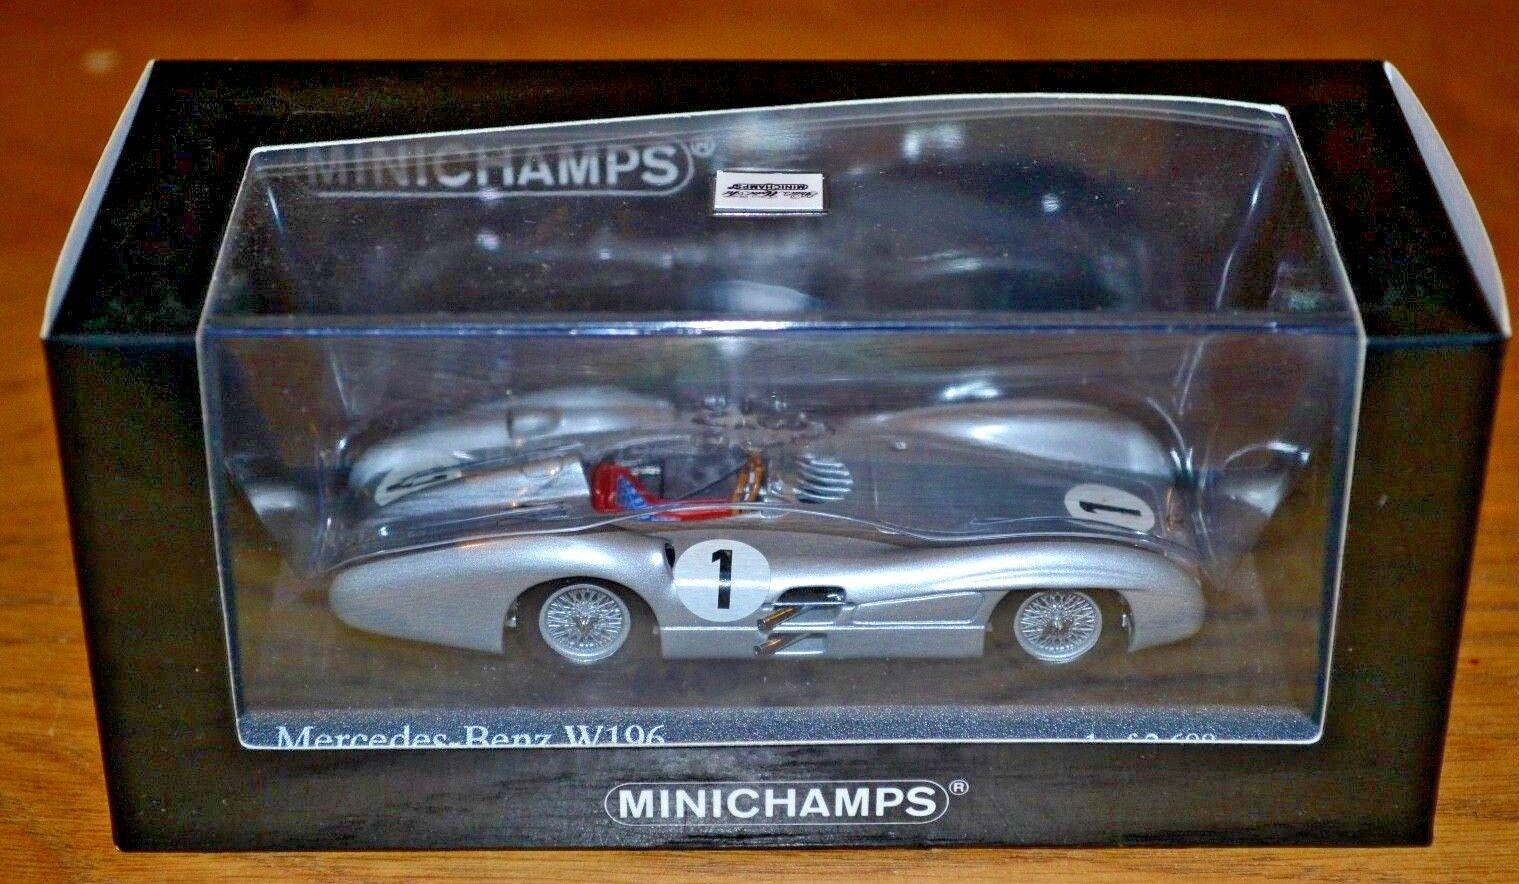 Minichamps 1 43 Mercedes Benz W196 Mint Condition